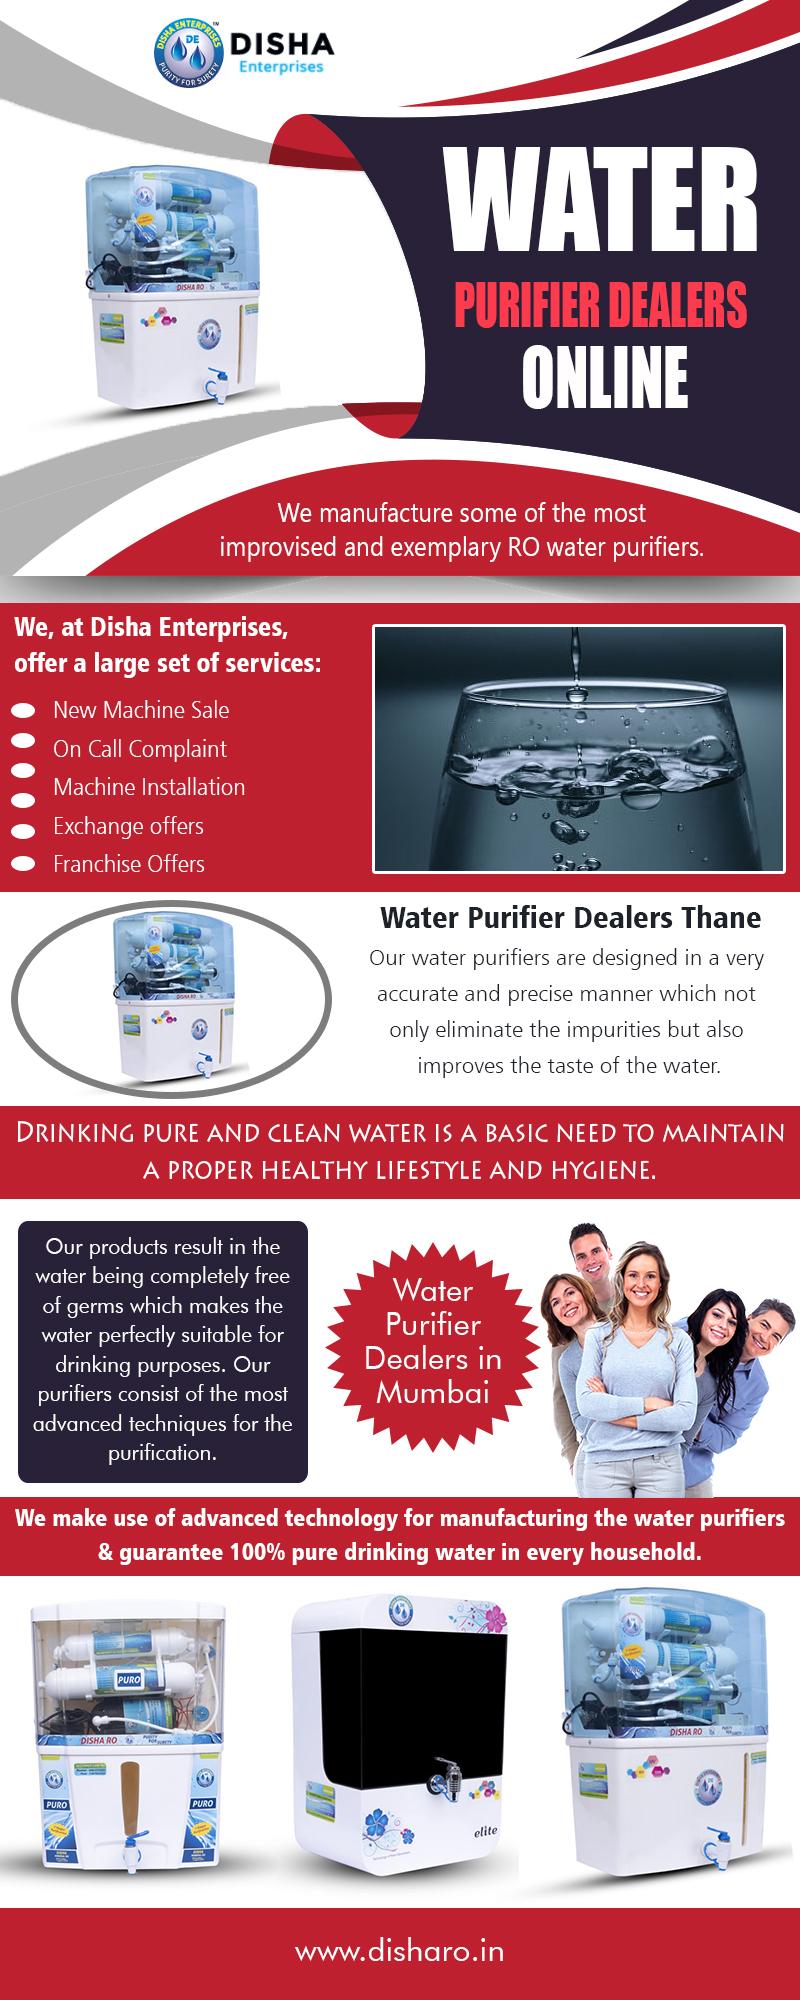 Water Purifier Dealers Online